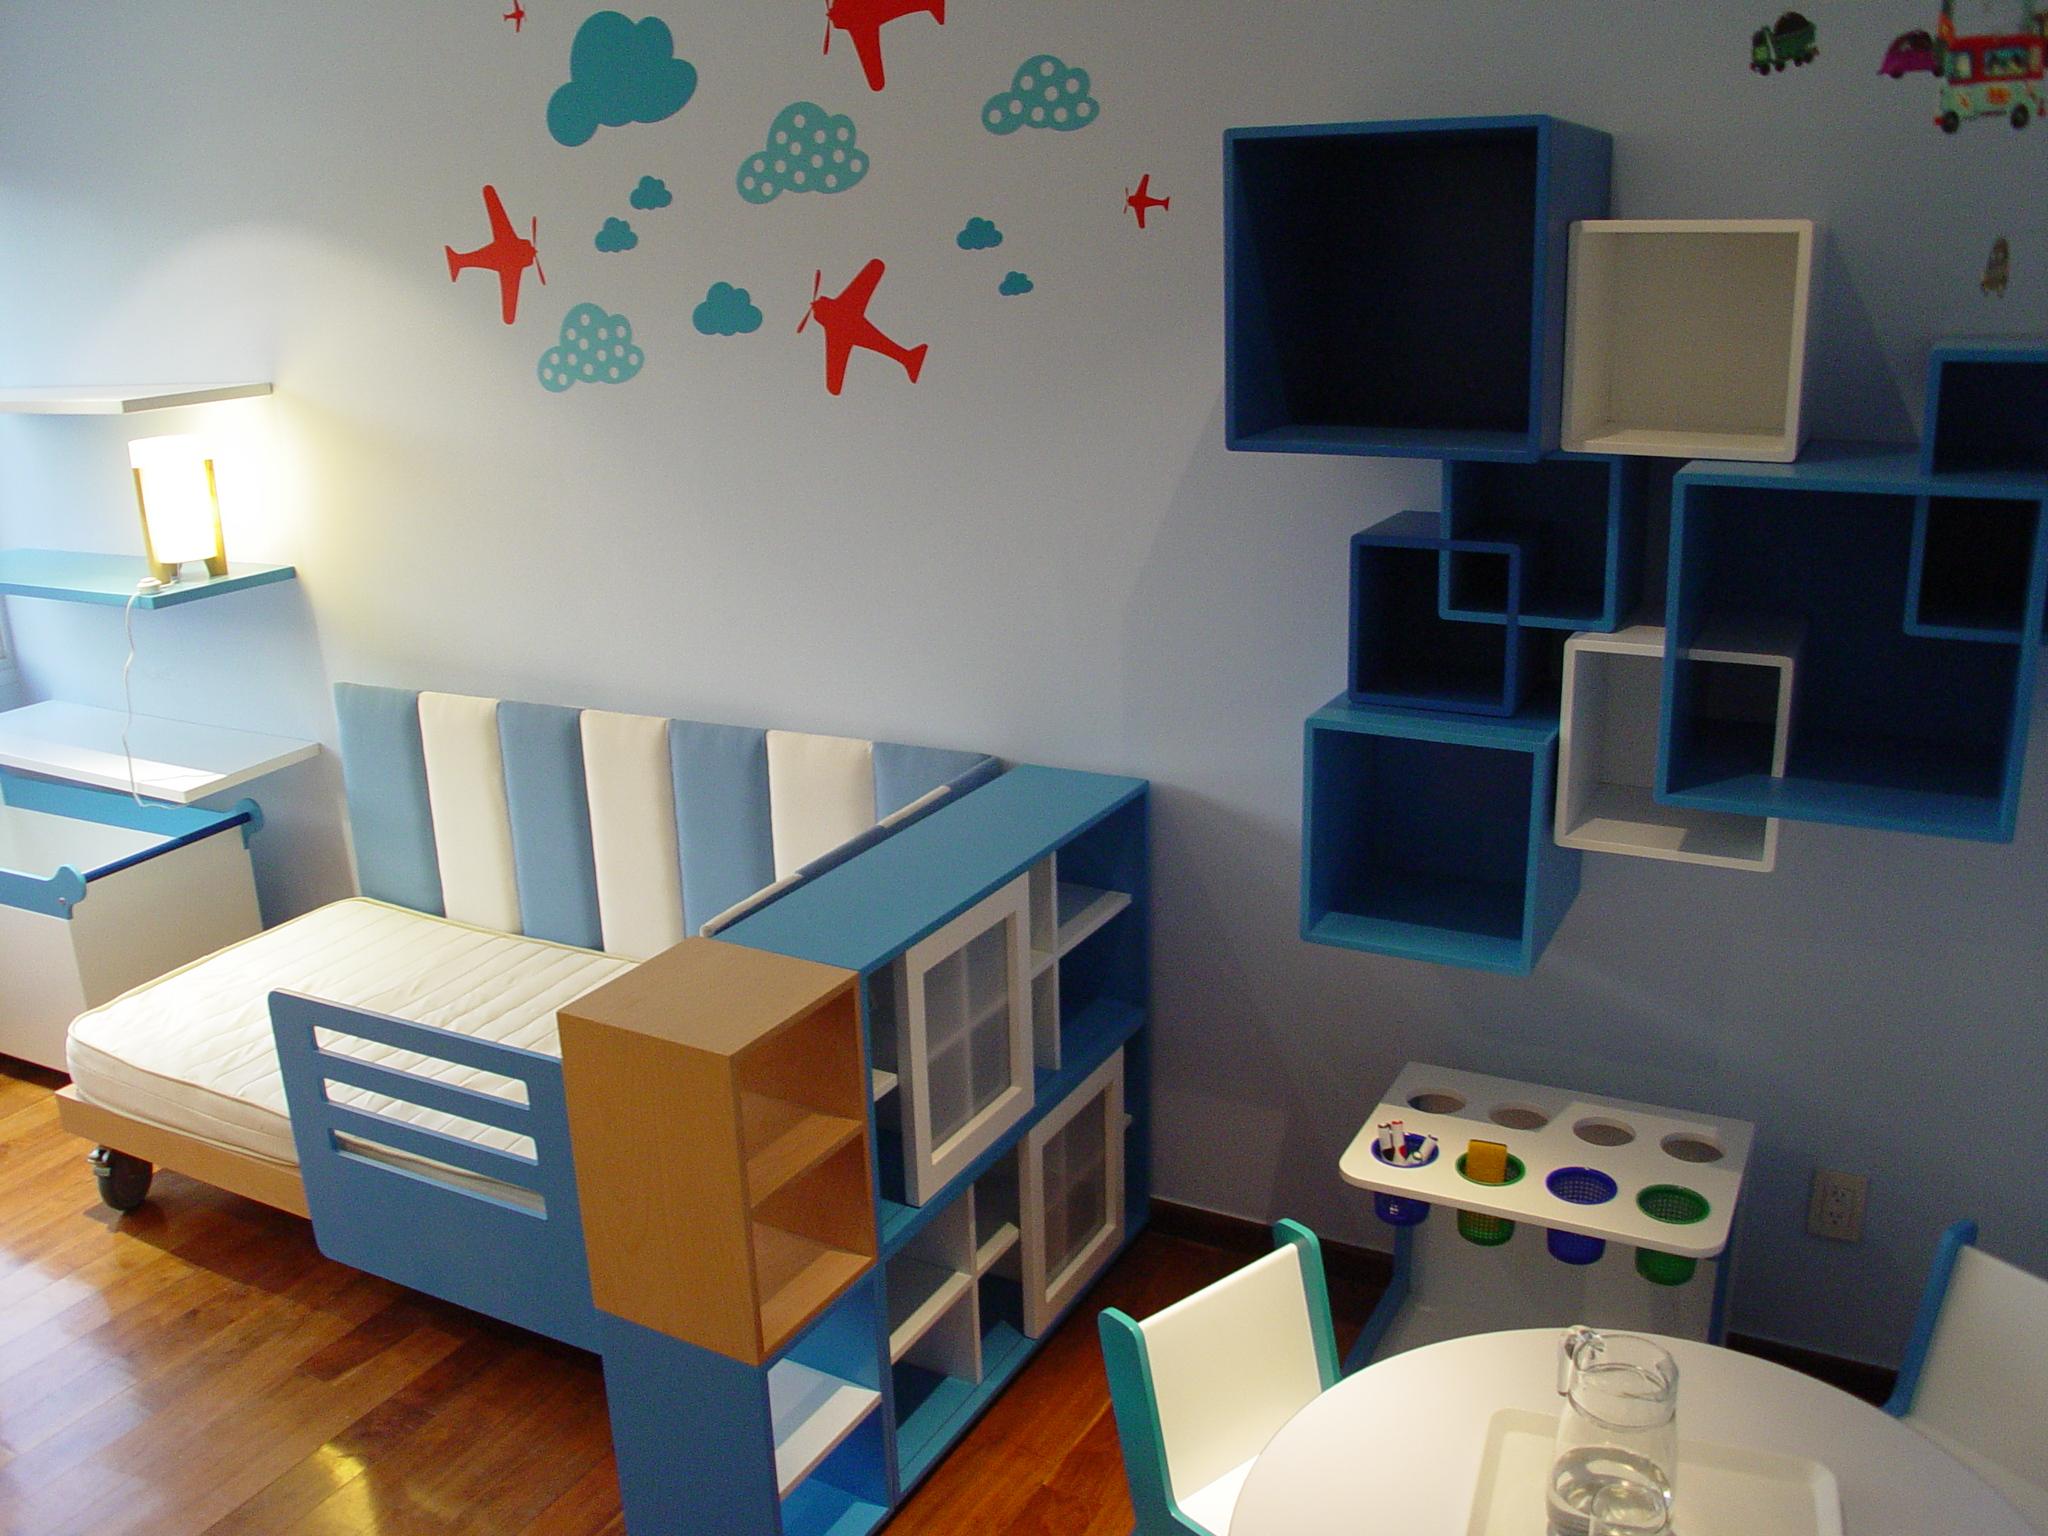 Disear una habitacion cheap great cortinas para with - Diseno de una habitacion ...